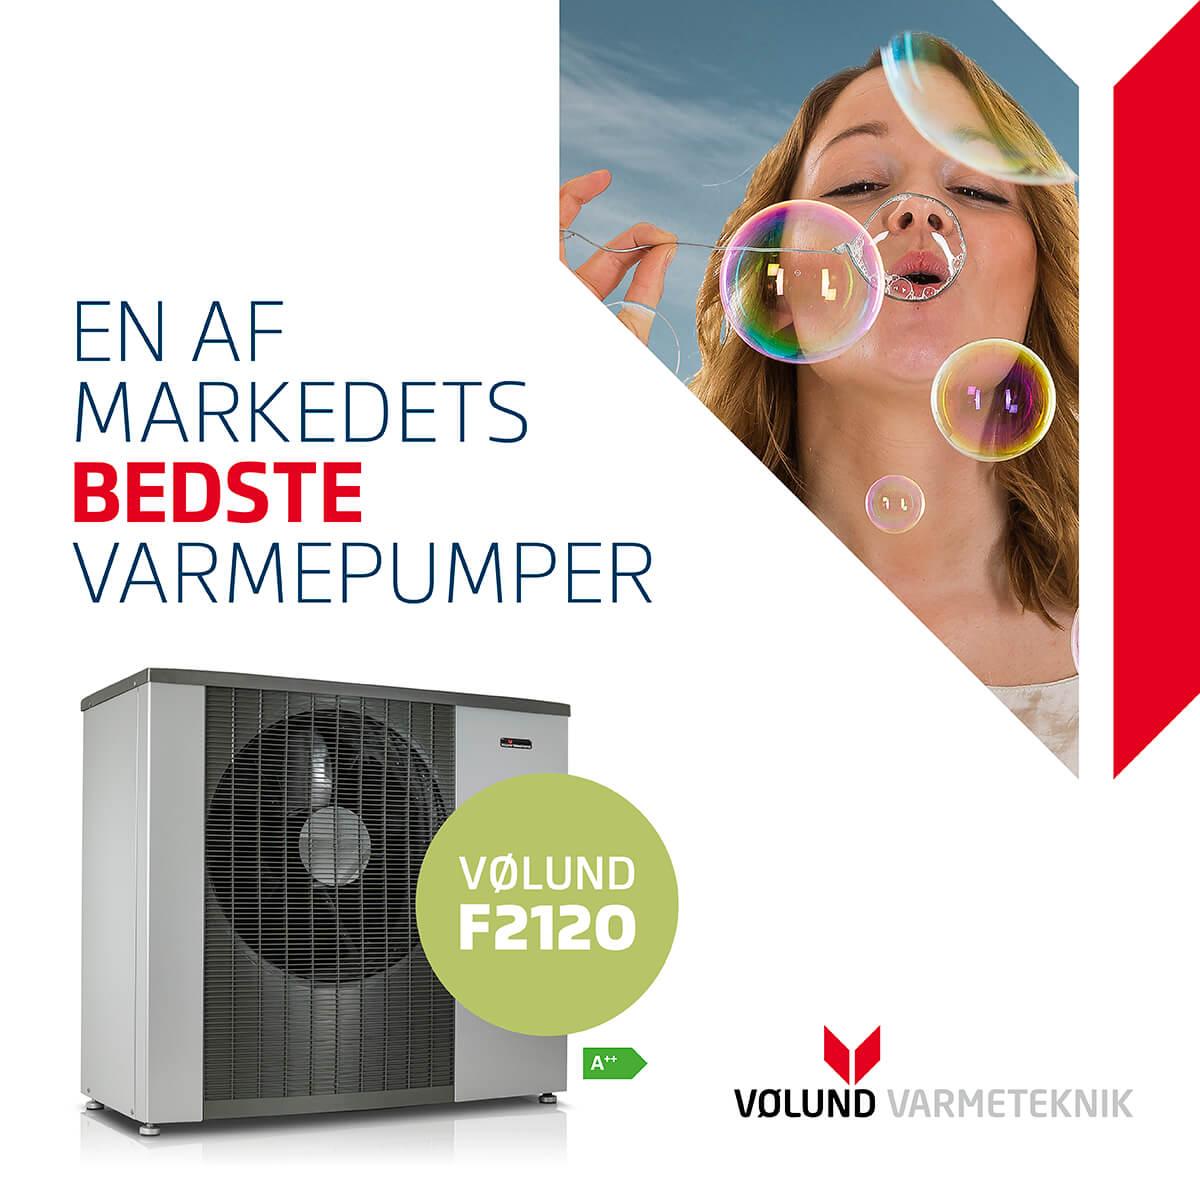 Autoriseret forhandler af Vølund varmepumper